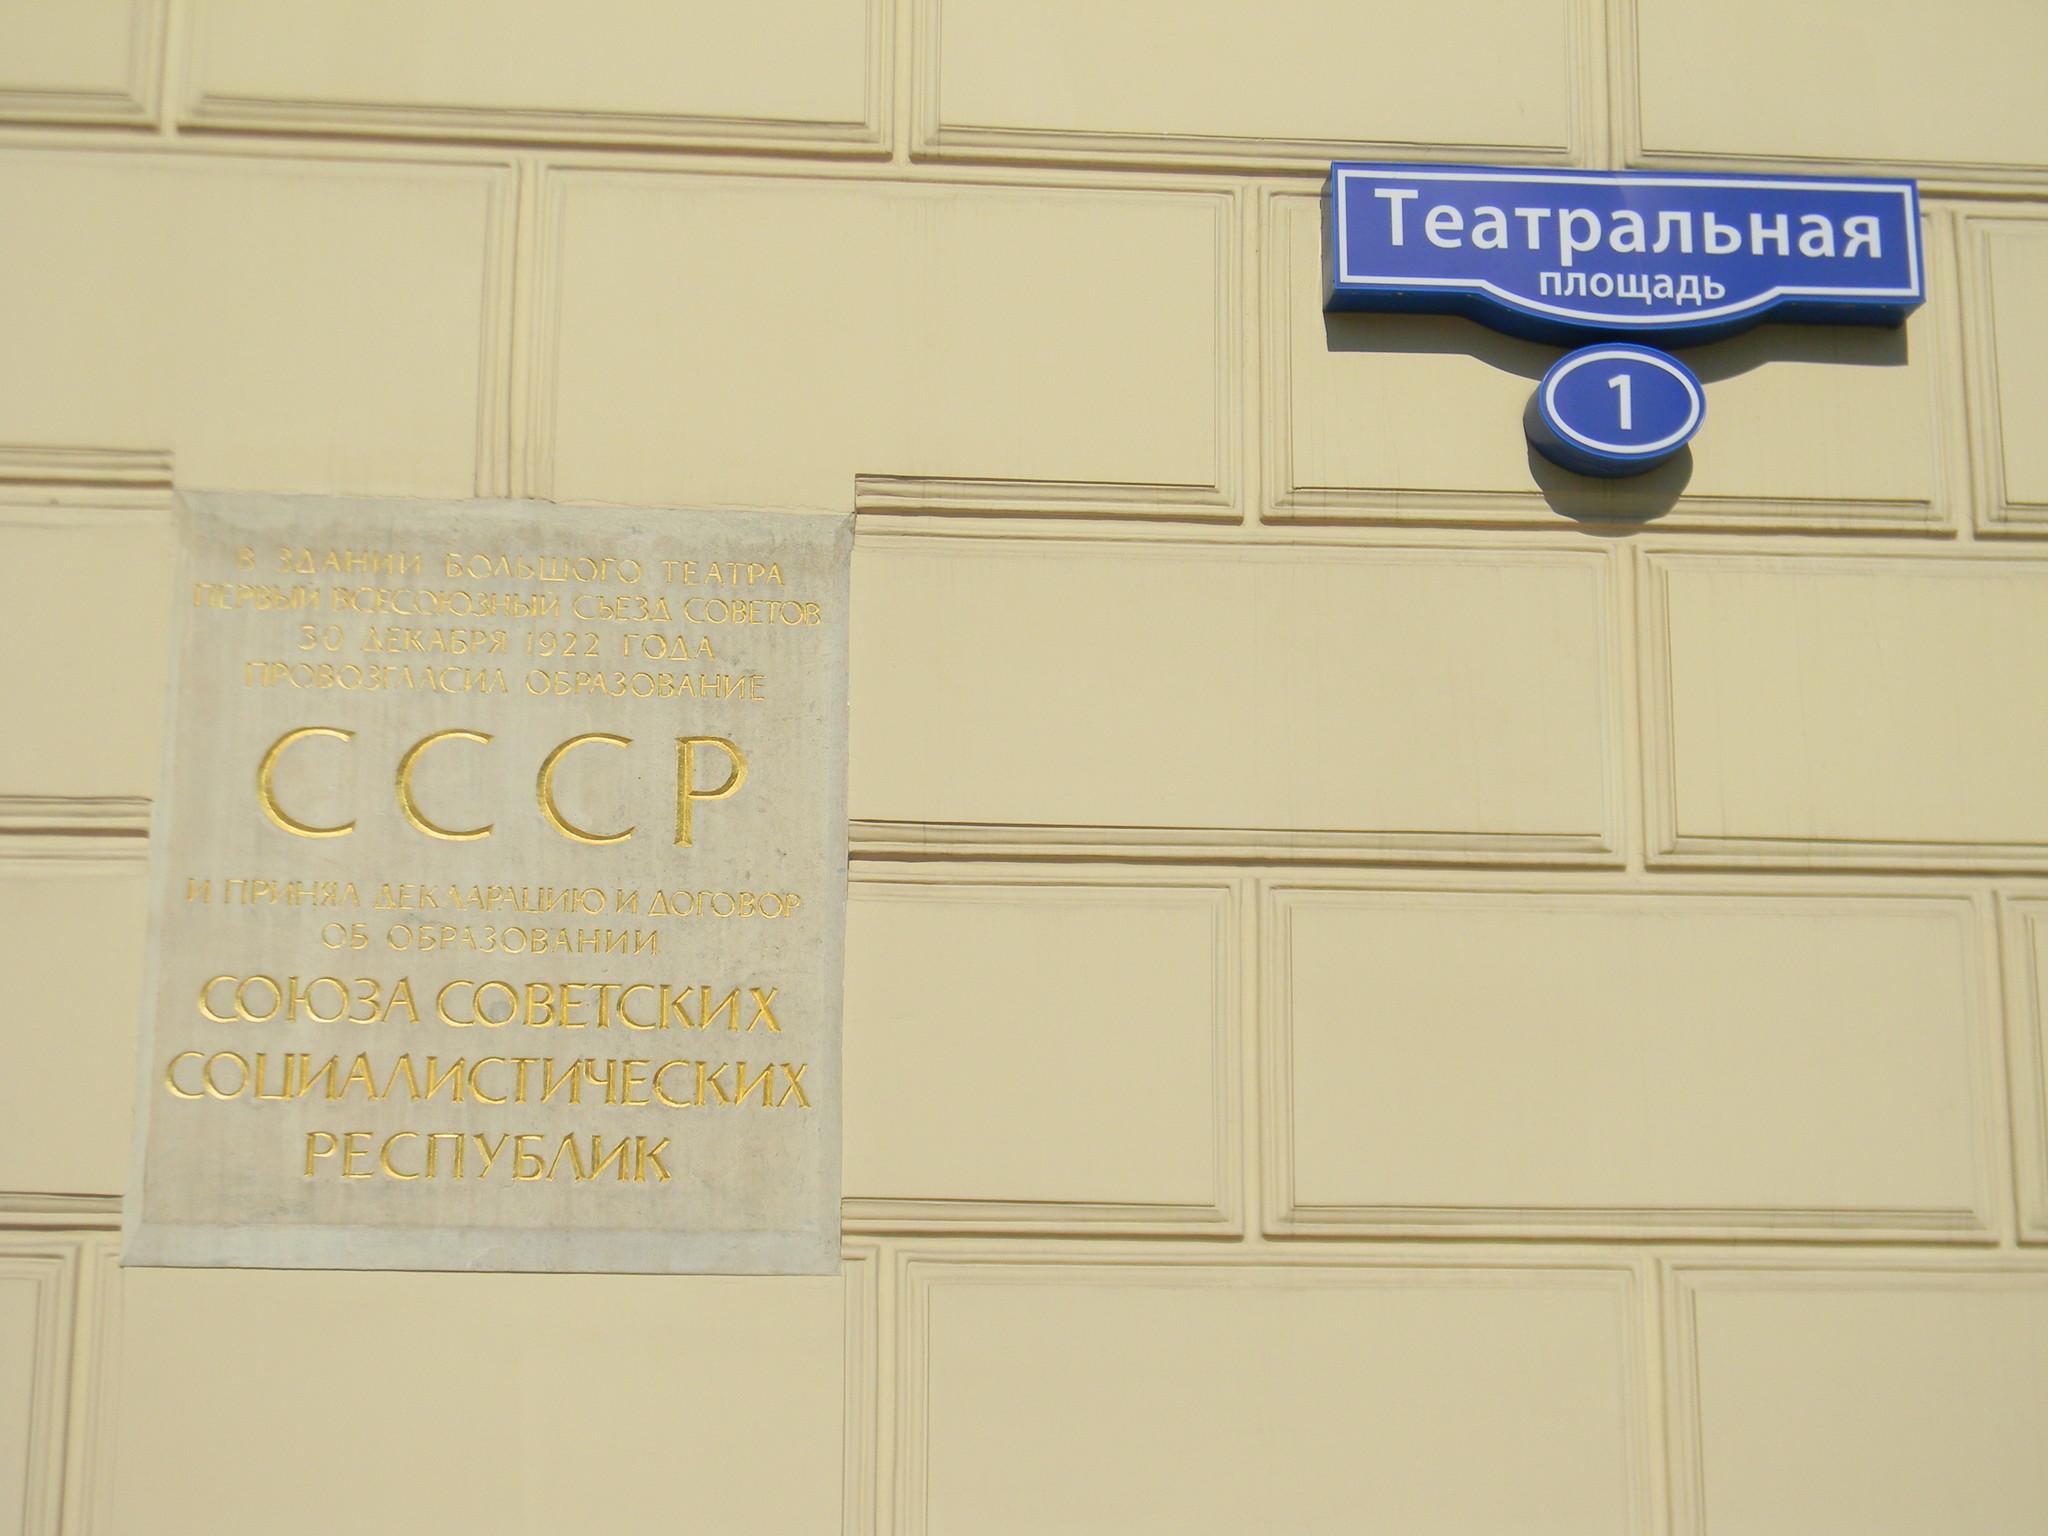 Памятная табличка на здании Большого театра в память о провозглашении в его стенах государства СССР